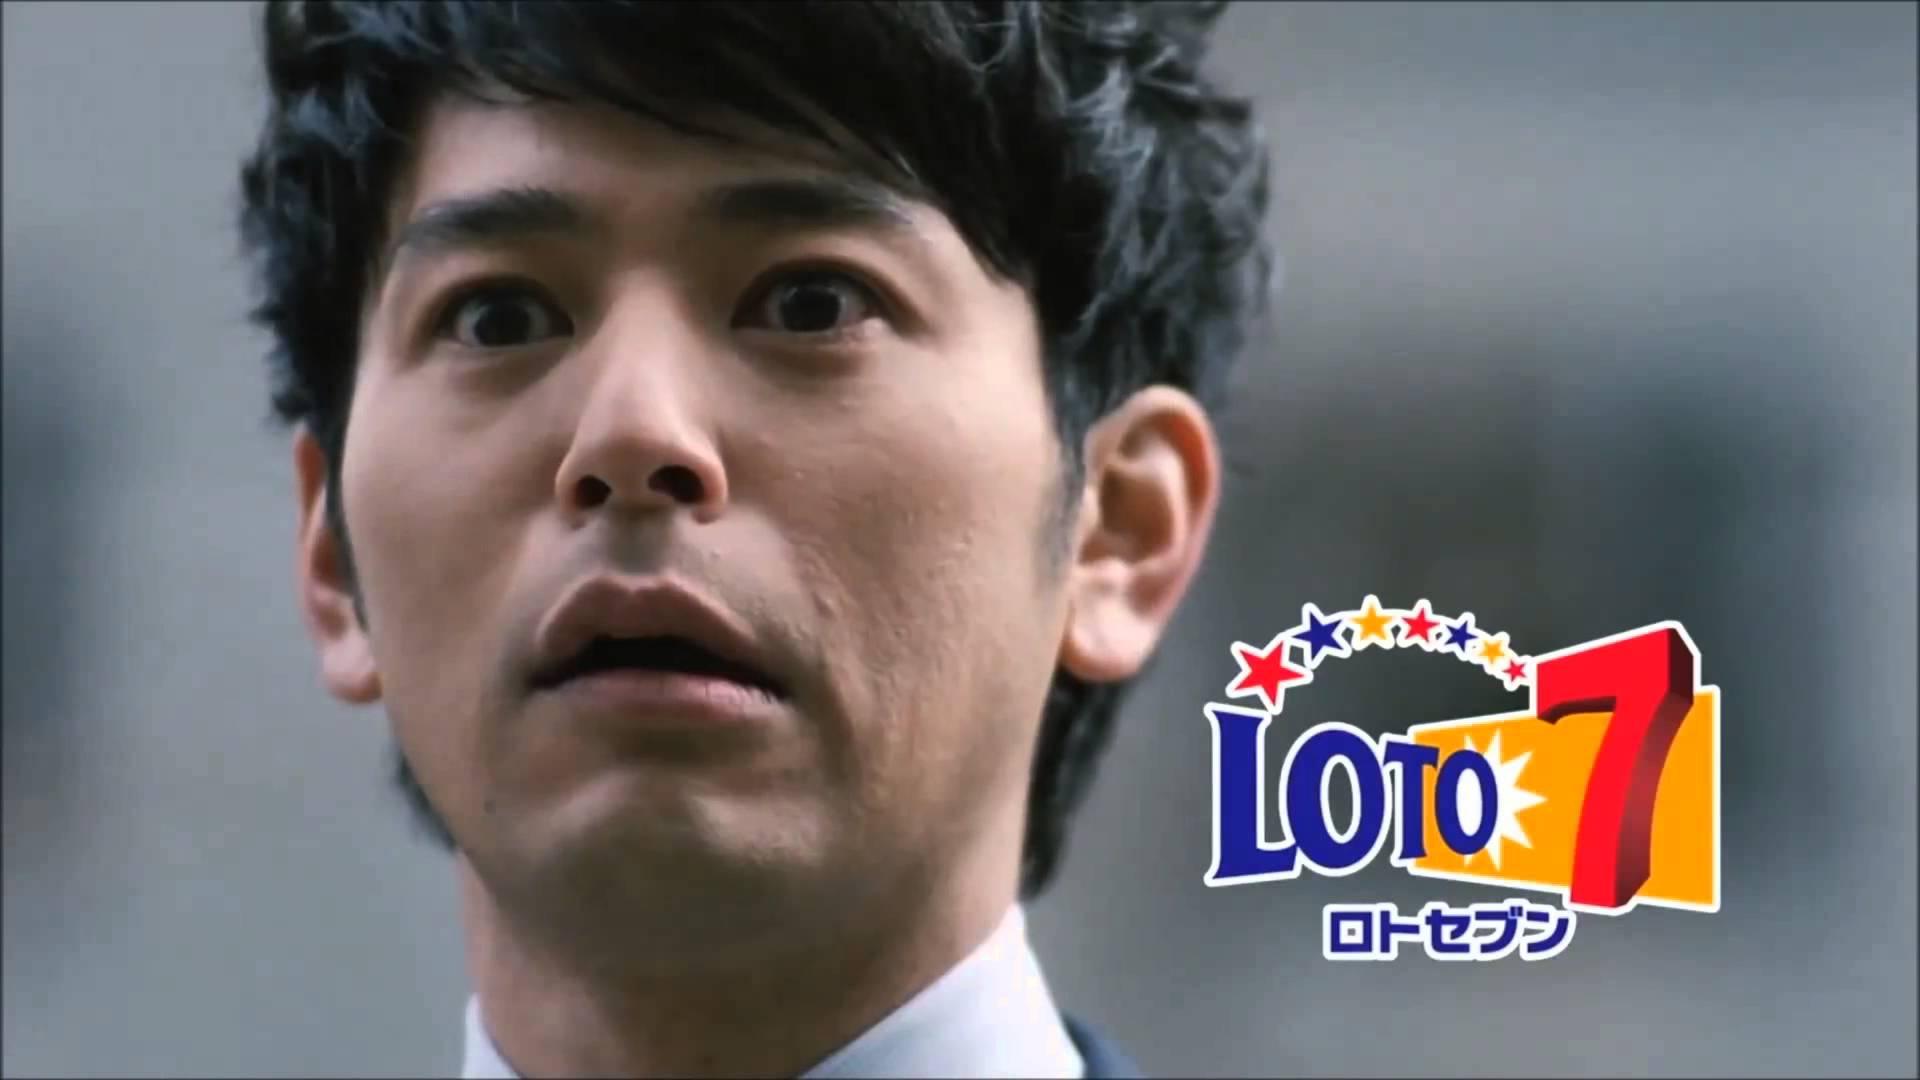 LOTO7广告:总是被神反转震惊的男主角